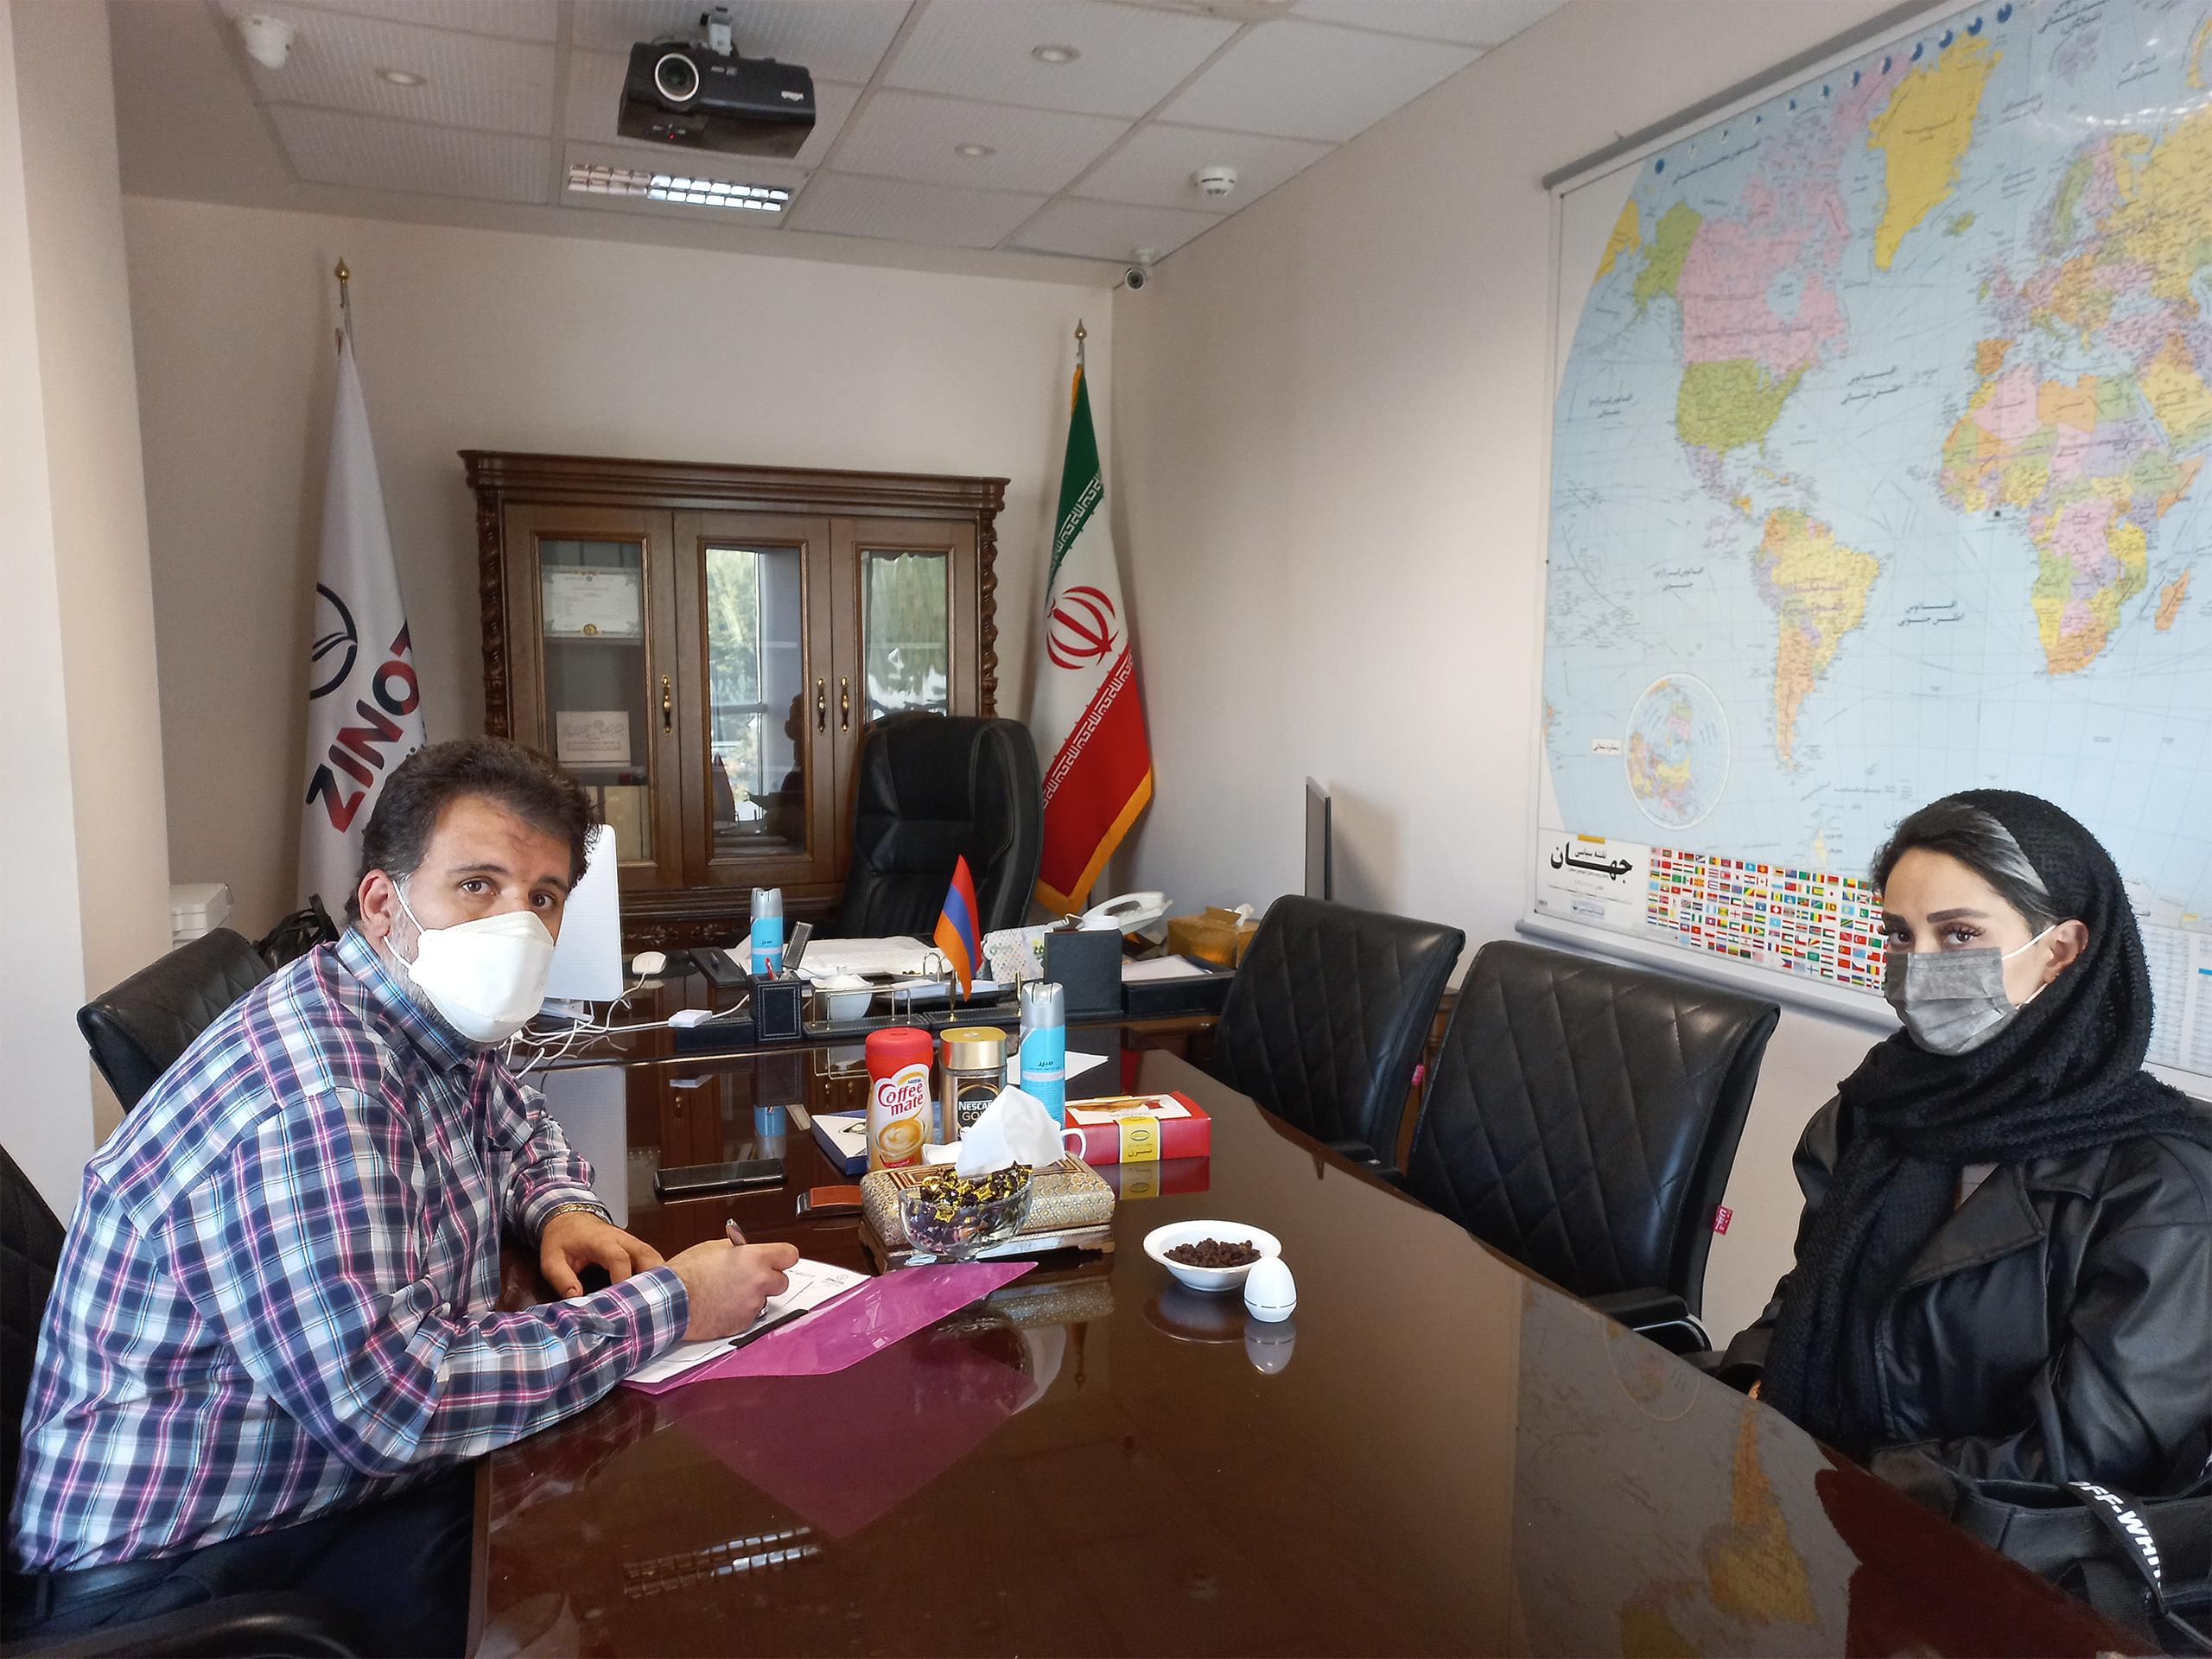 نشست با خانم رحیمی نماینده شرکت تولیدی قصر بازی پارسیان